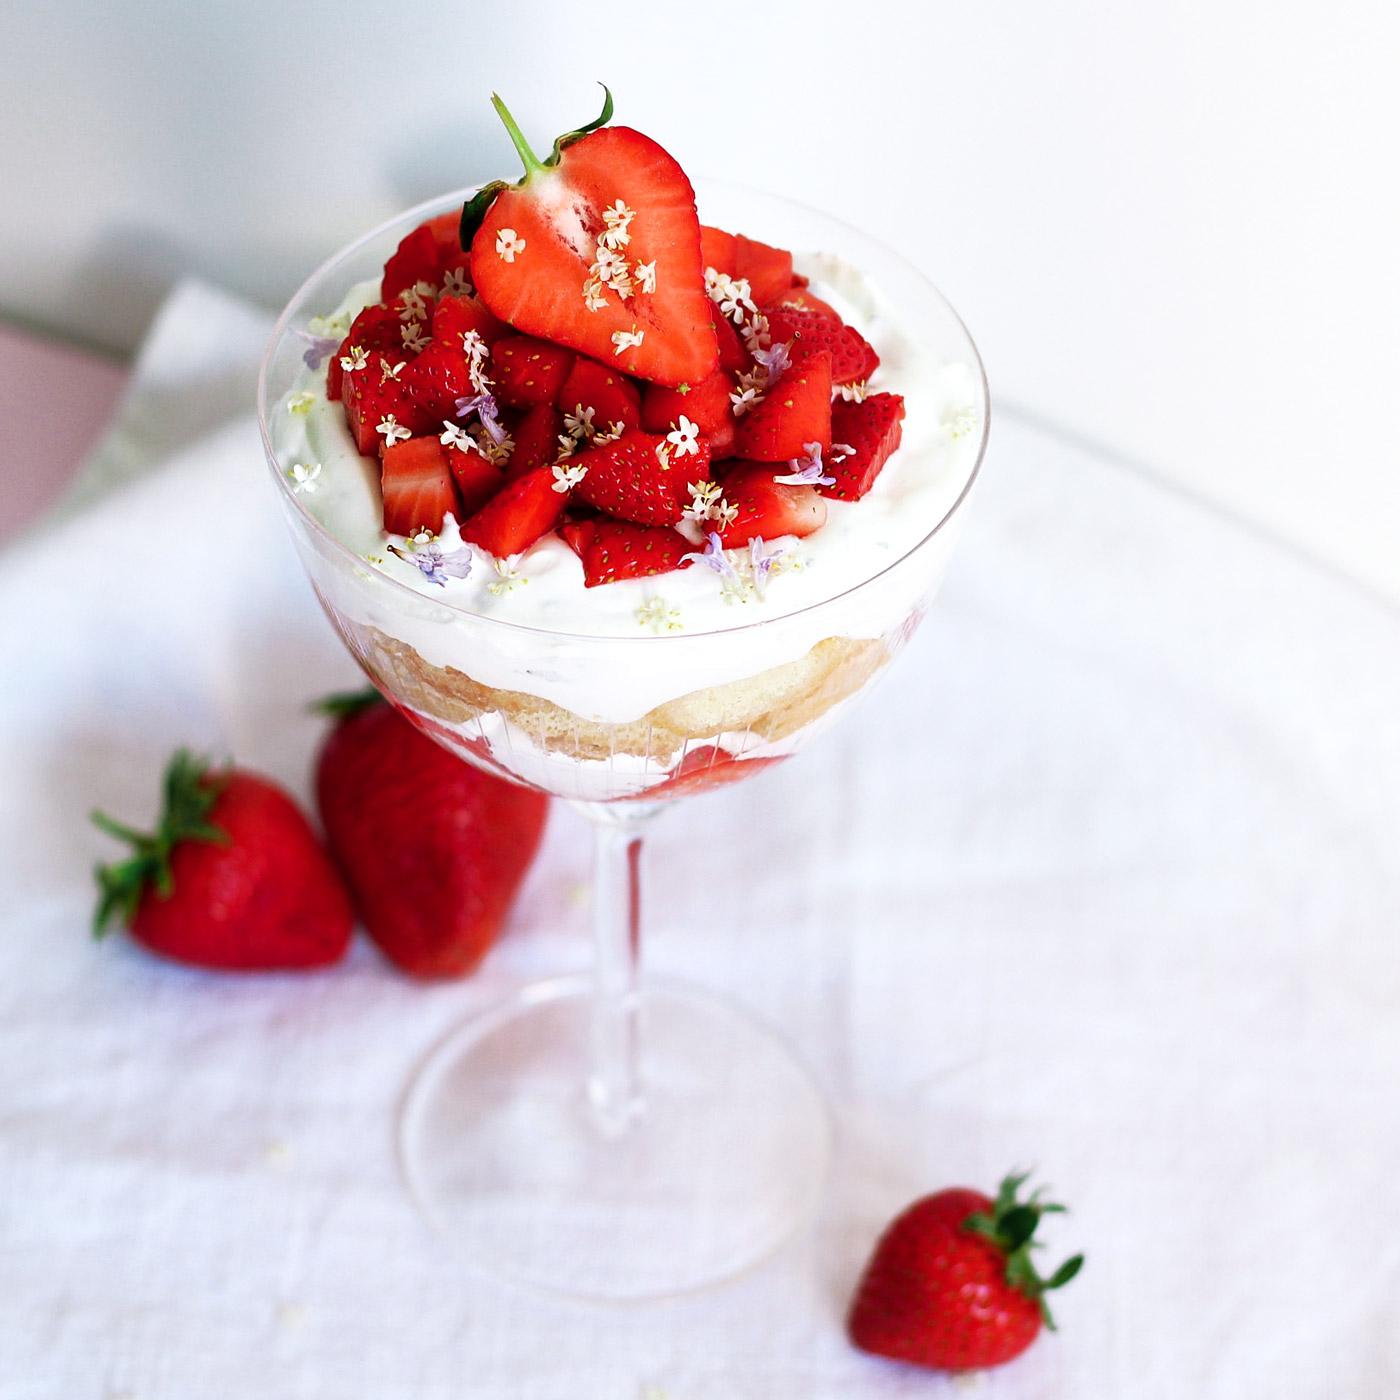 Erdbeer-Tiramisu mit Gundermann und Holunderblütensirup